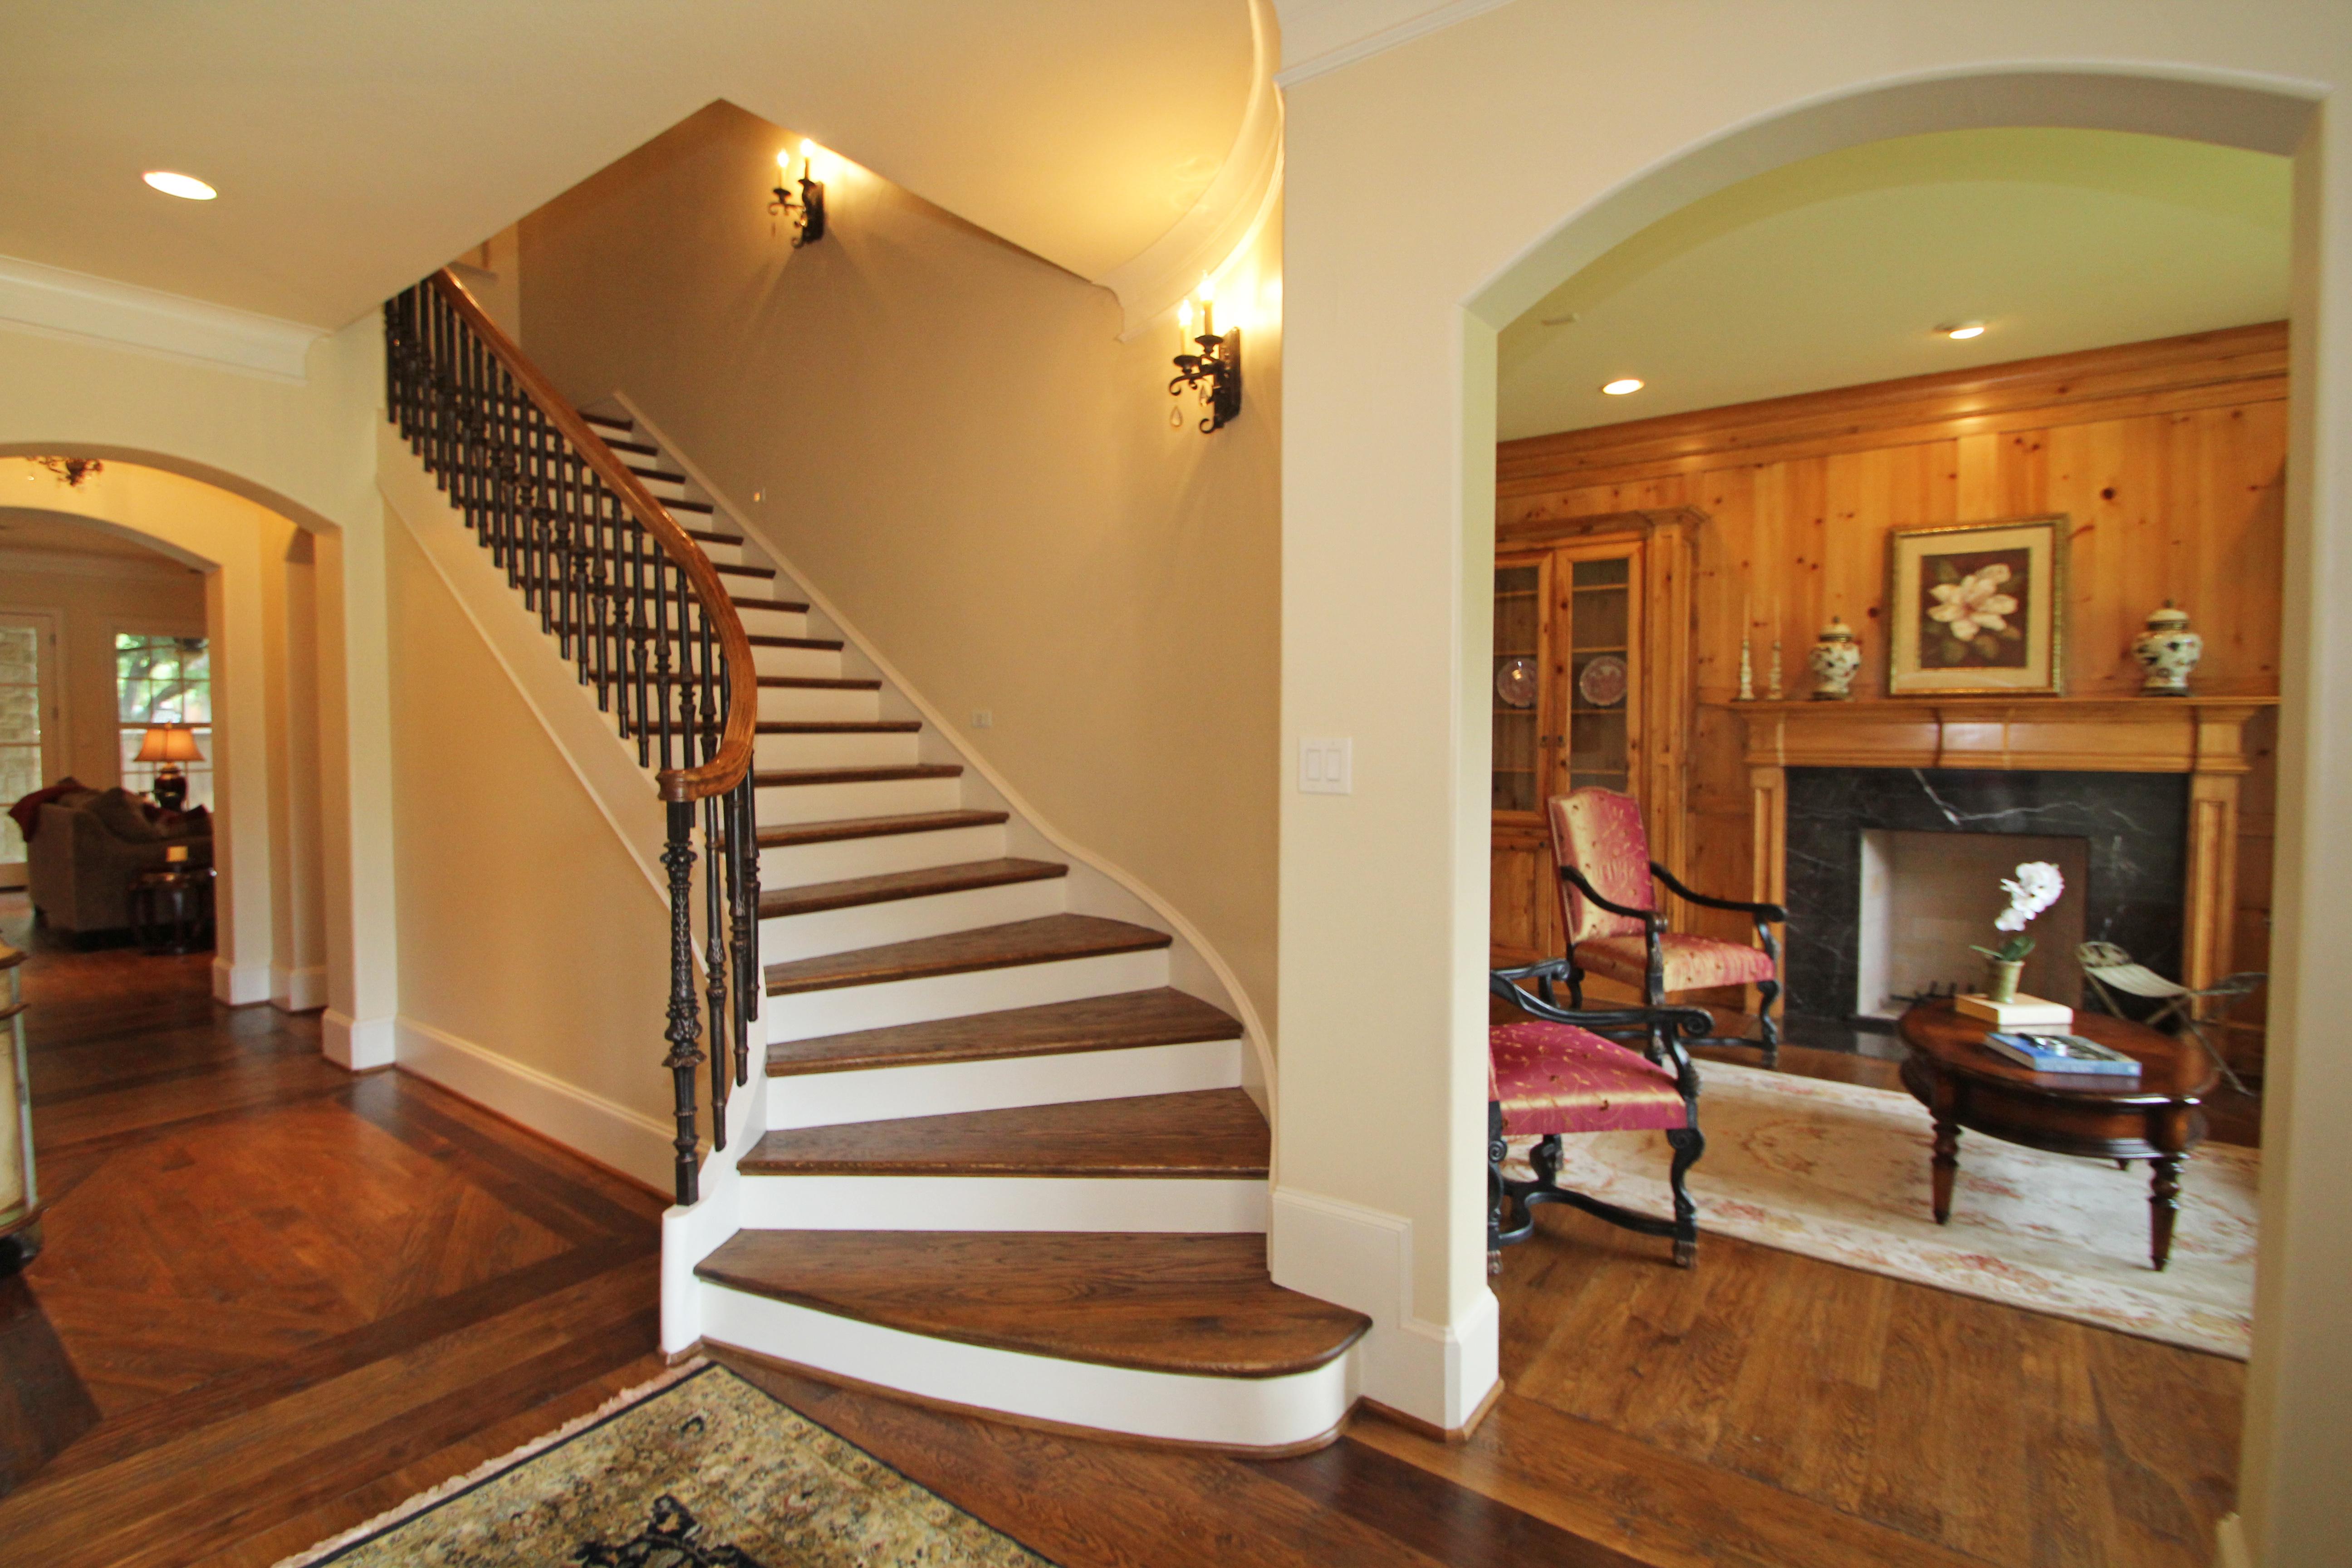 House Foyer Design 5184 x 3456